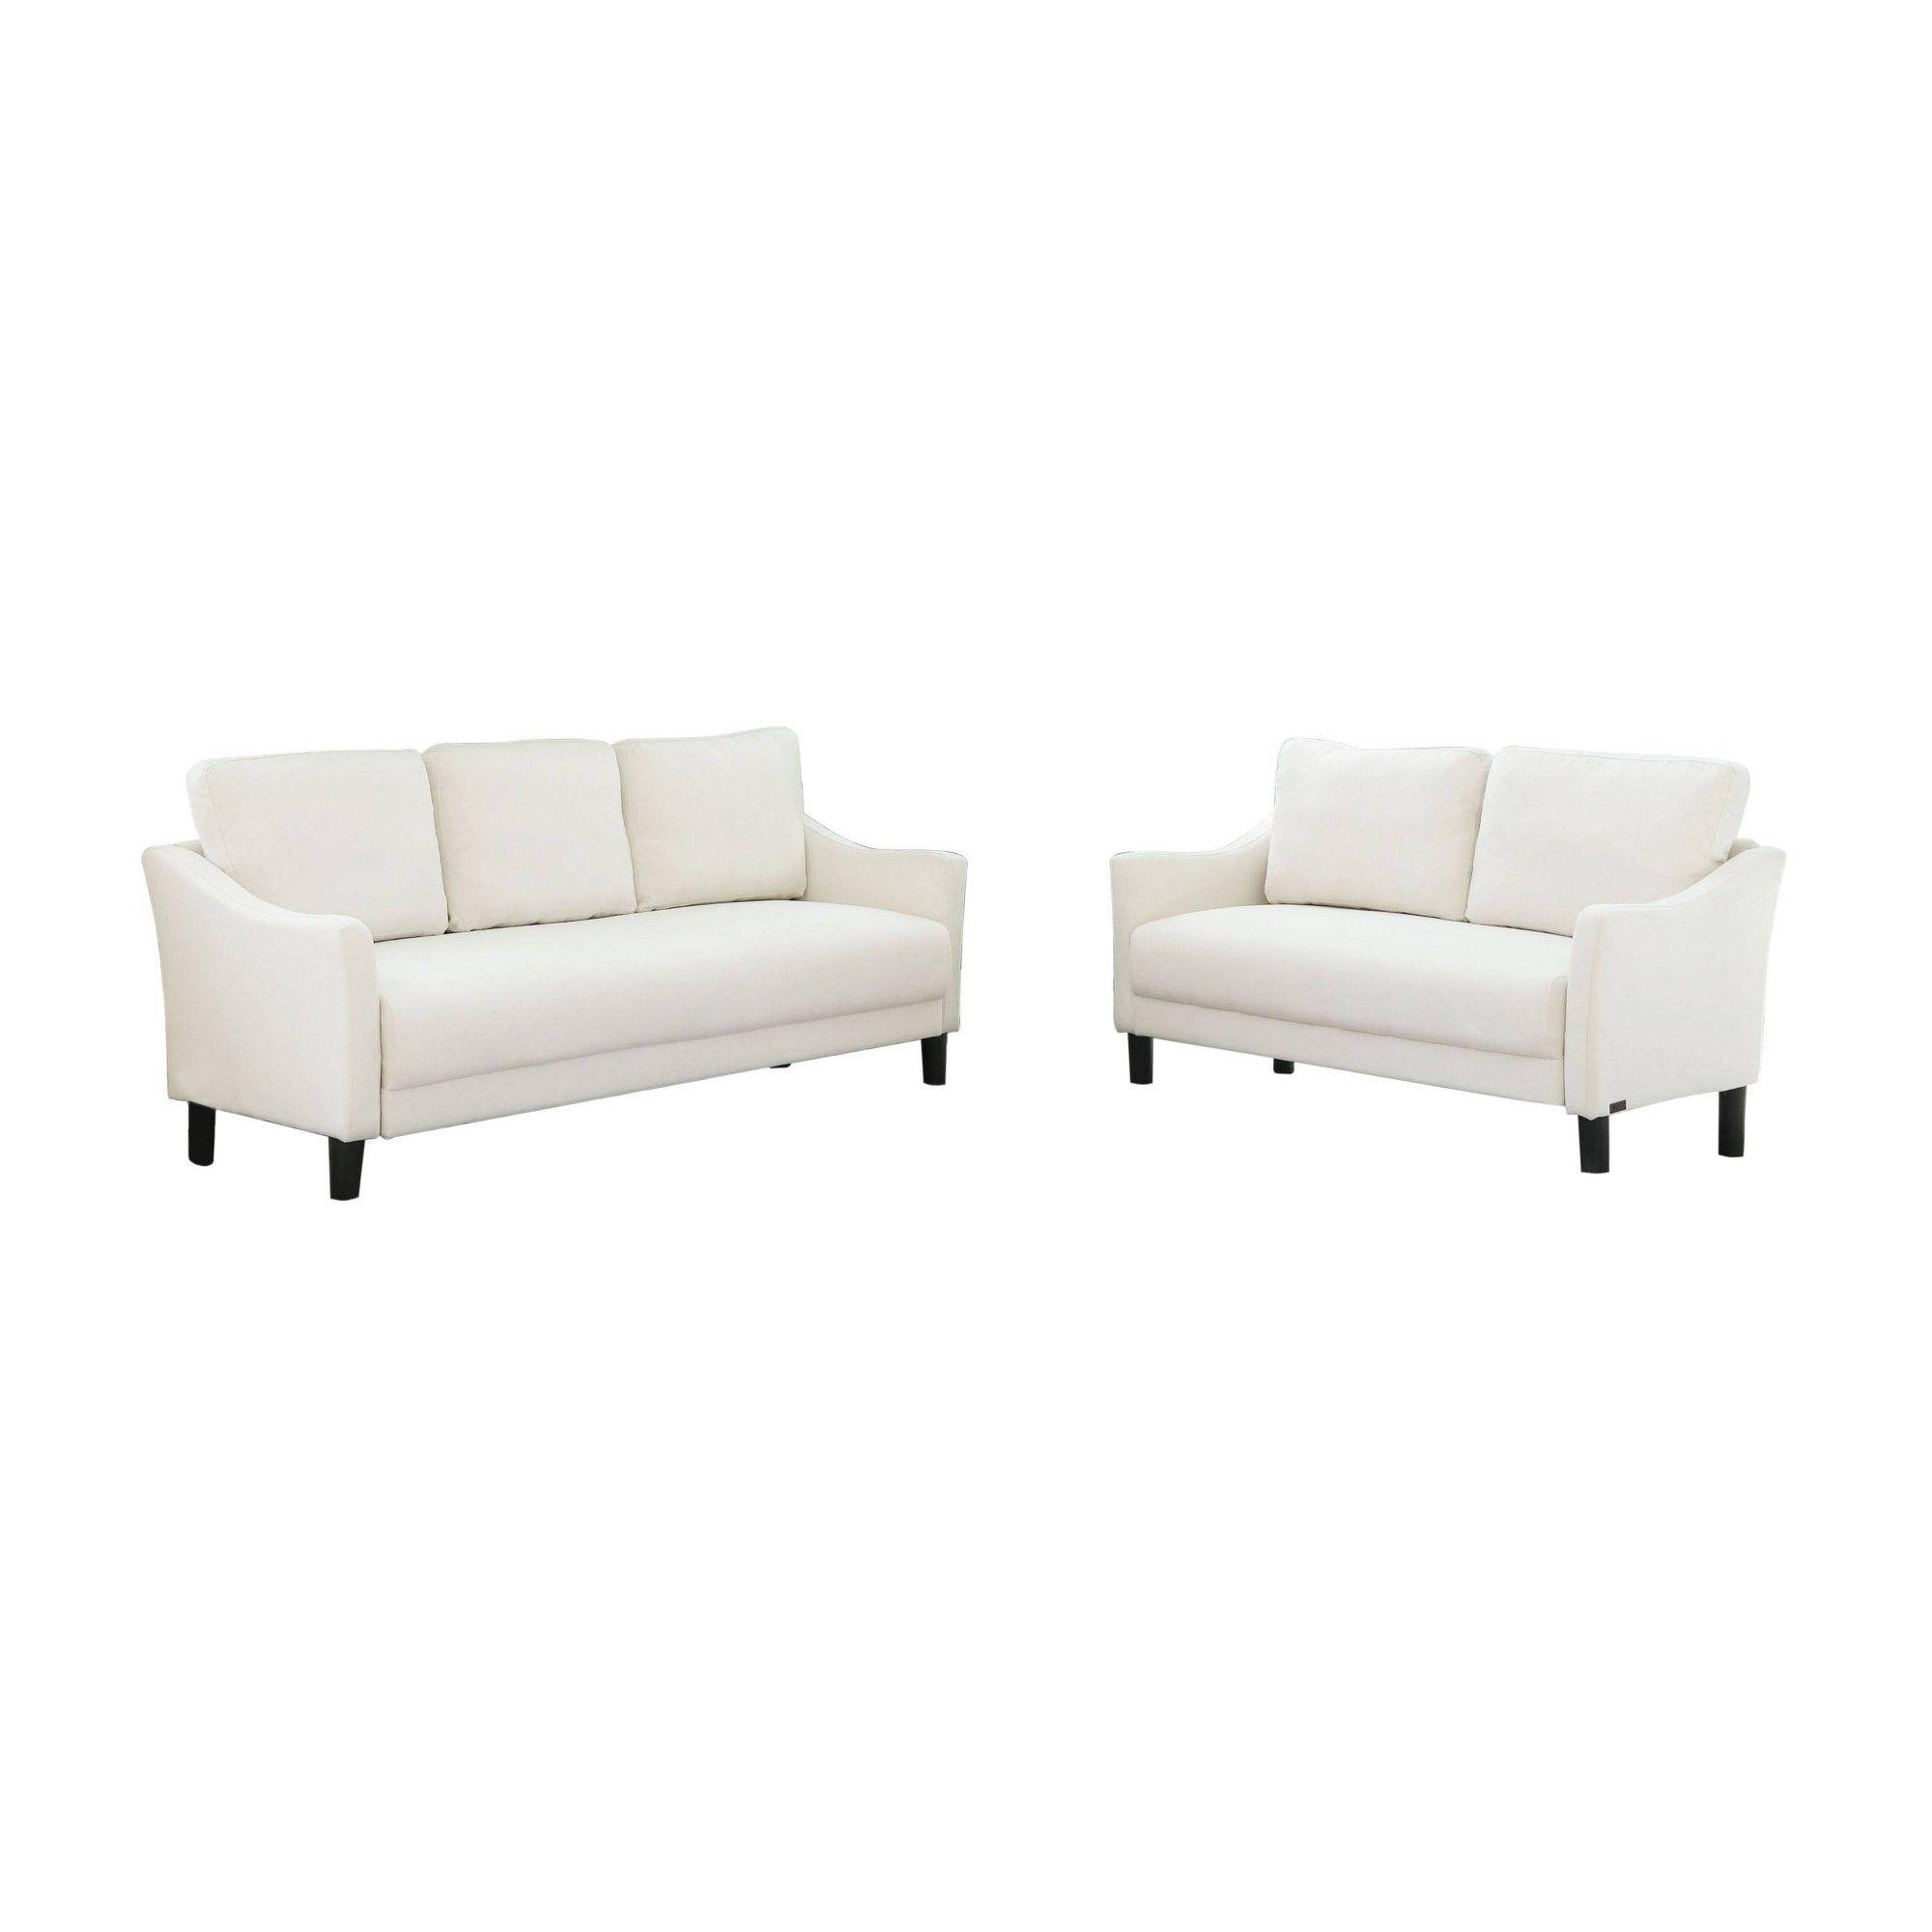 2pc Cleo Fabric Sofa Loveseat Set Ivory Abbyson Living Fabric Sofa Love Seat Sofa Loveseat Set